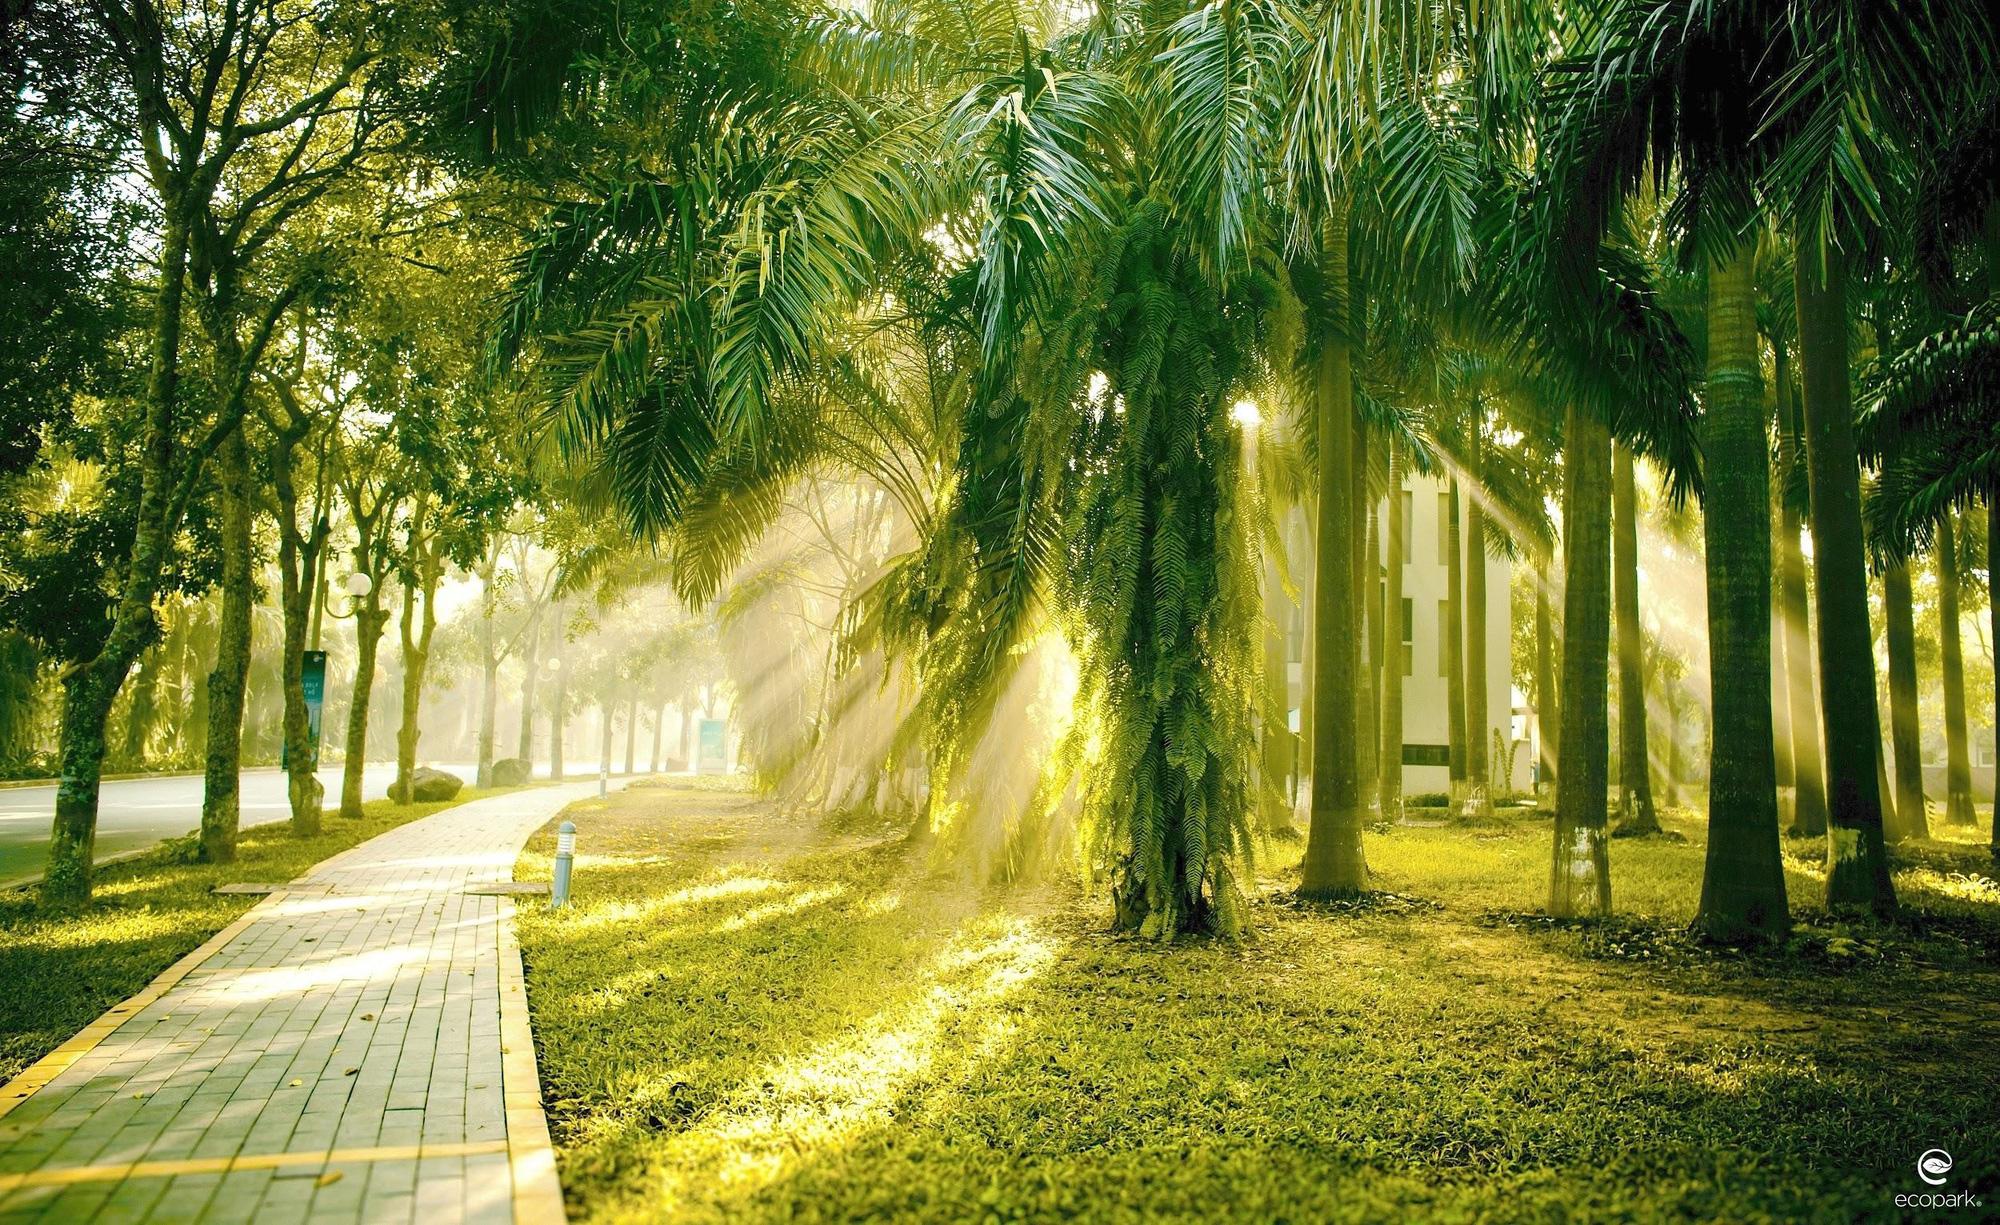 Ngắm bình minh đẹp như tranh vẽ tại khu đô thị xanh Ecopark - Ảnh 3.